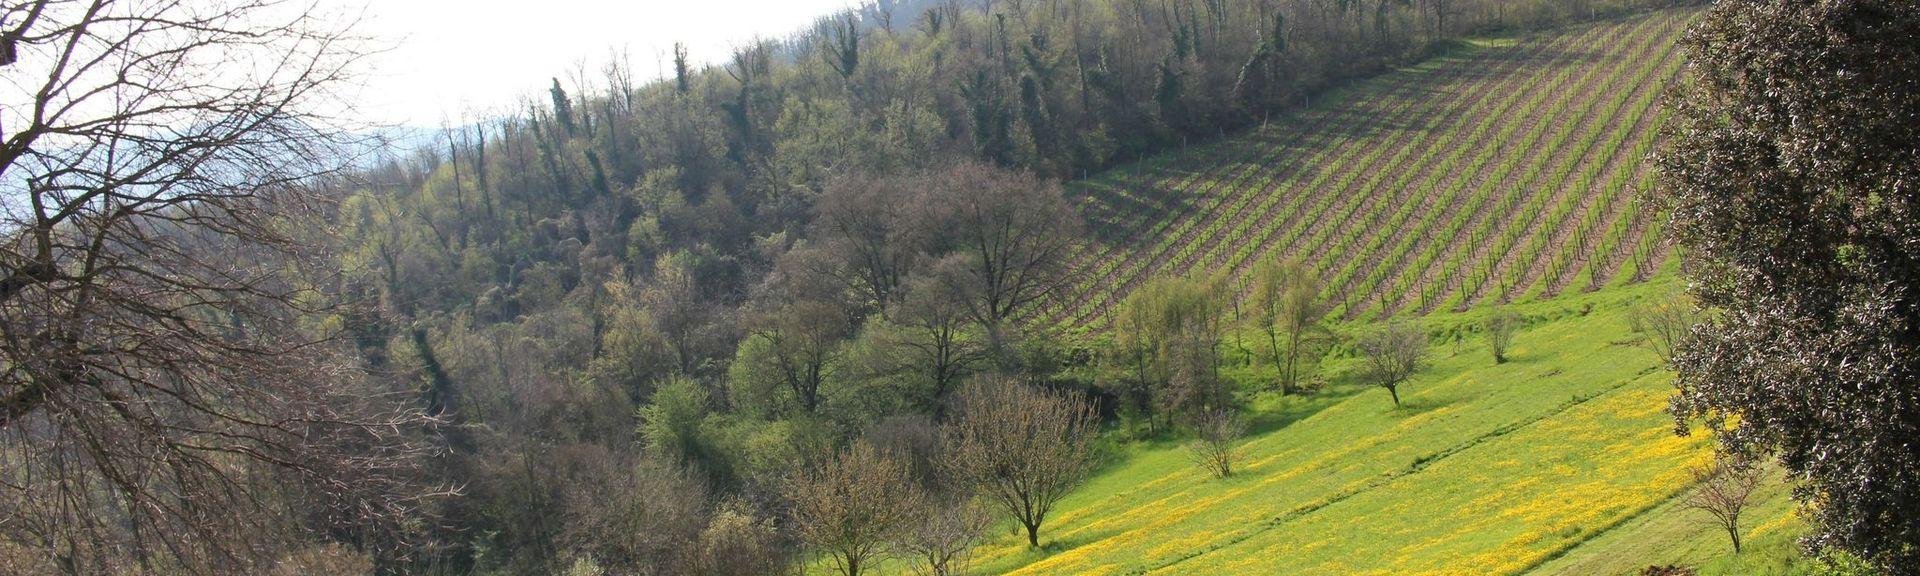 Castegnero, Vicenza, Veneto, Italy